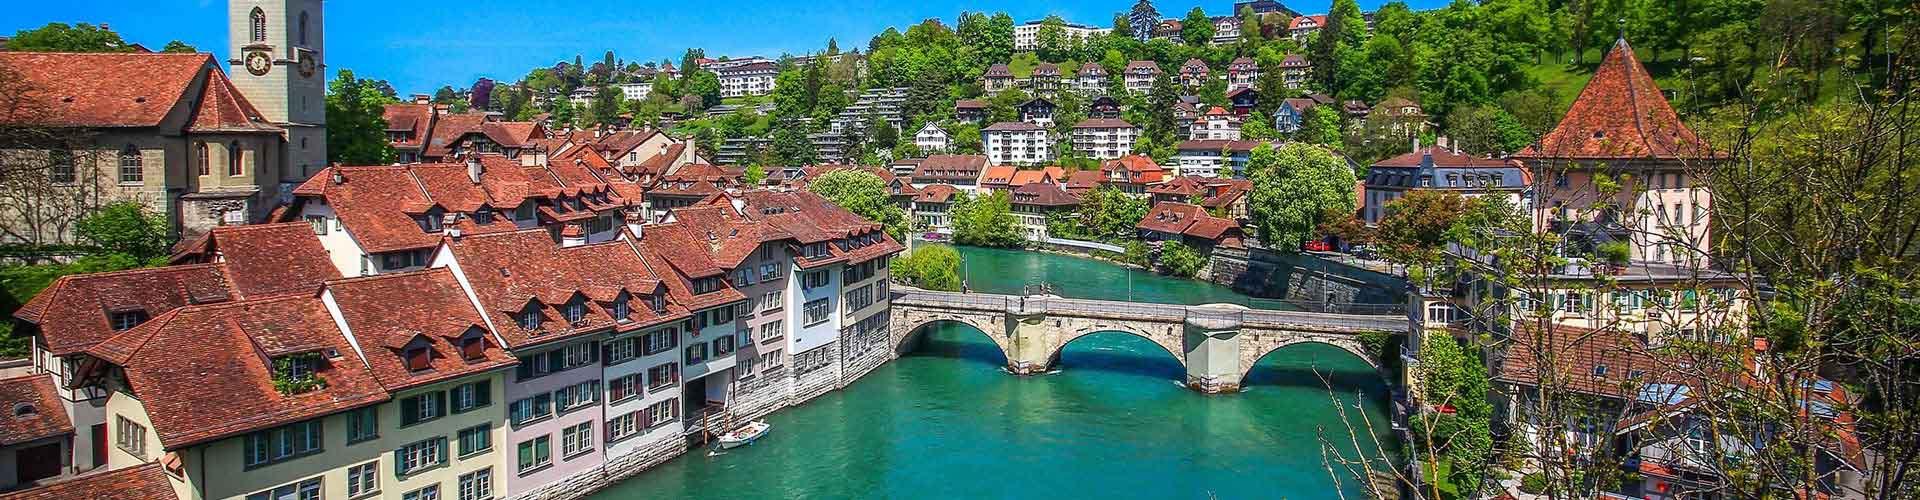 Berna - Hoteles baratos en Berna. Mapas de Berna, Fotos y comentarios de cada Hotel en Berna.